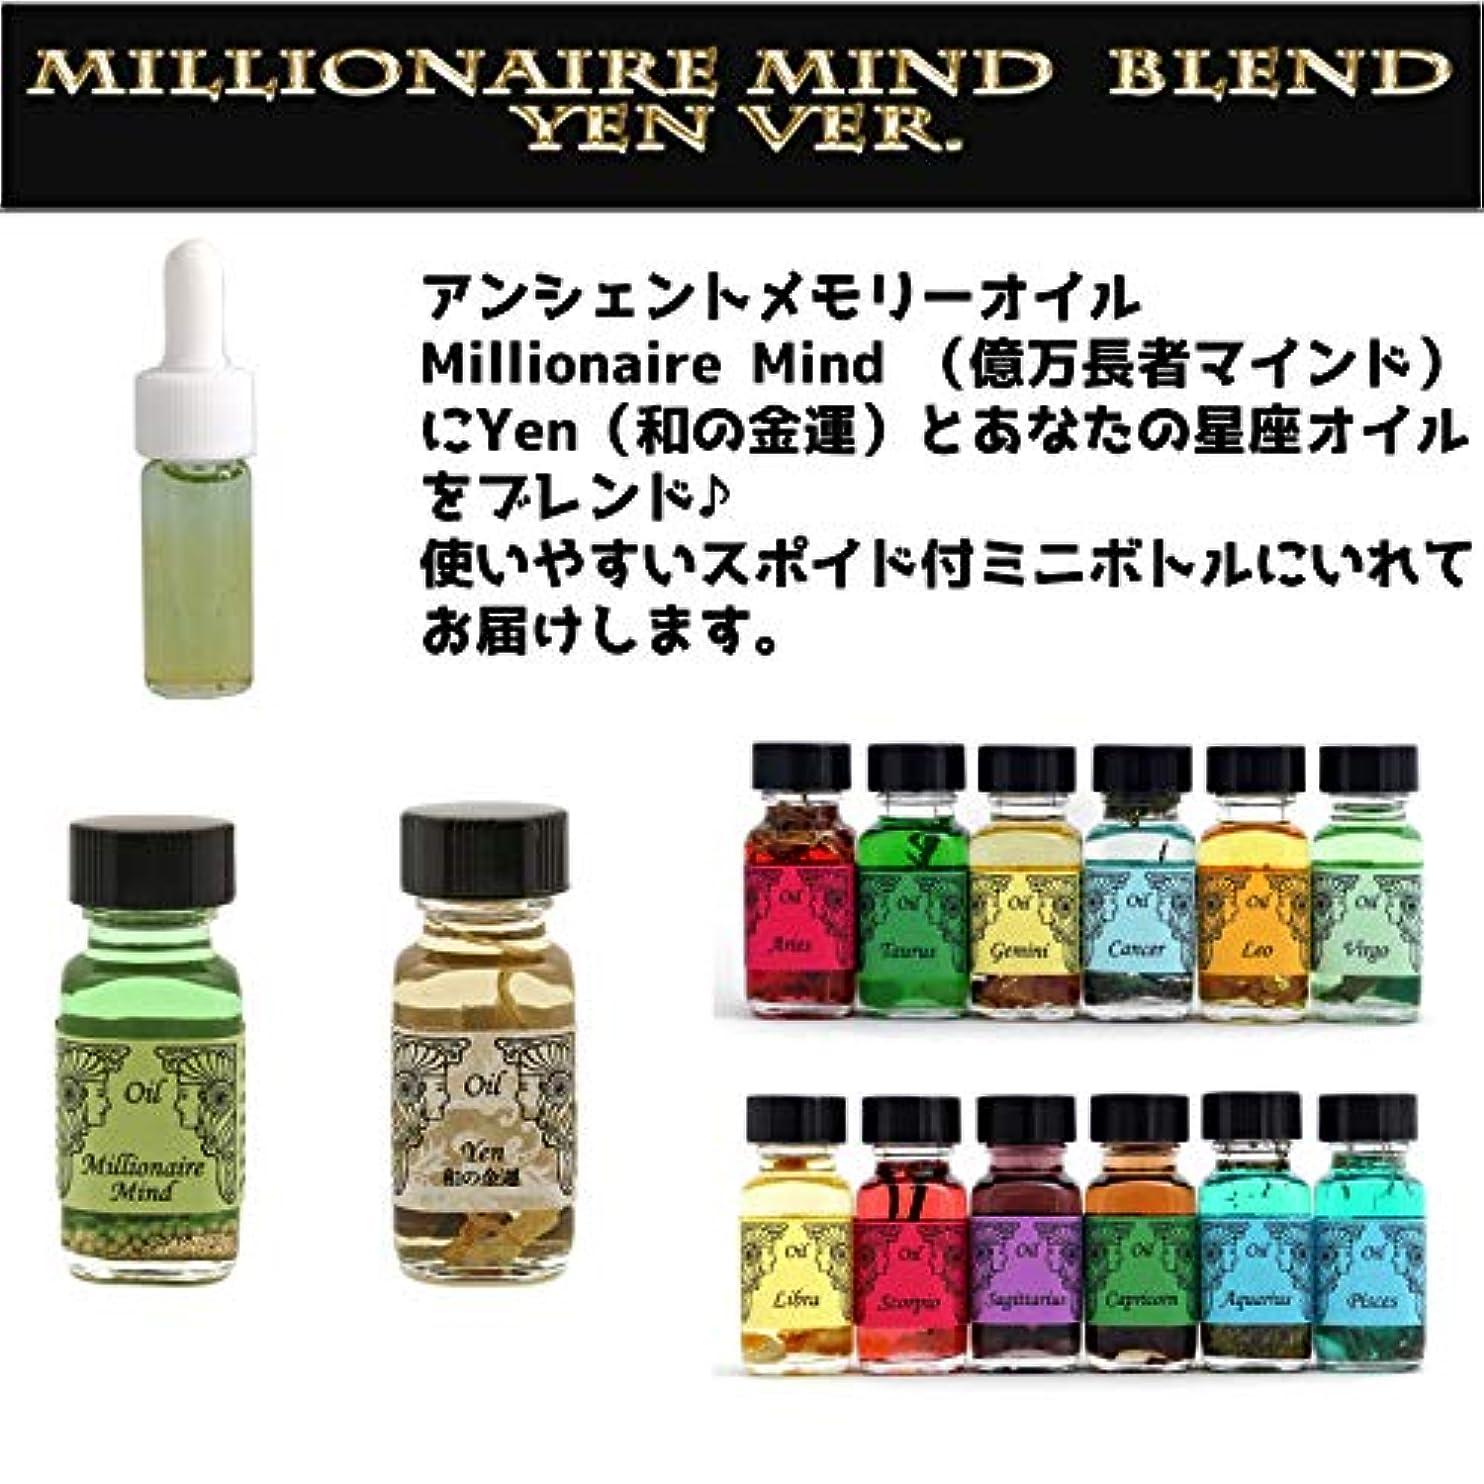 ビスケットグリース技術アンシェントメモリーオイル Millionaire Mind 億万長者マインド ブレンド【Yen 和の金運&かに座】